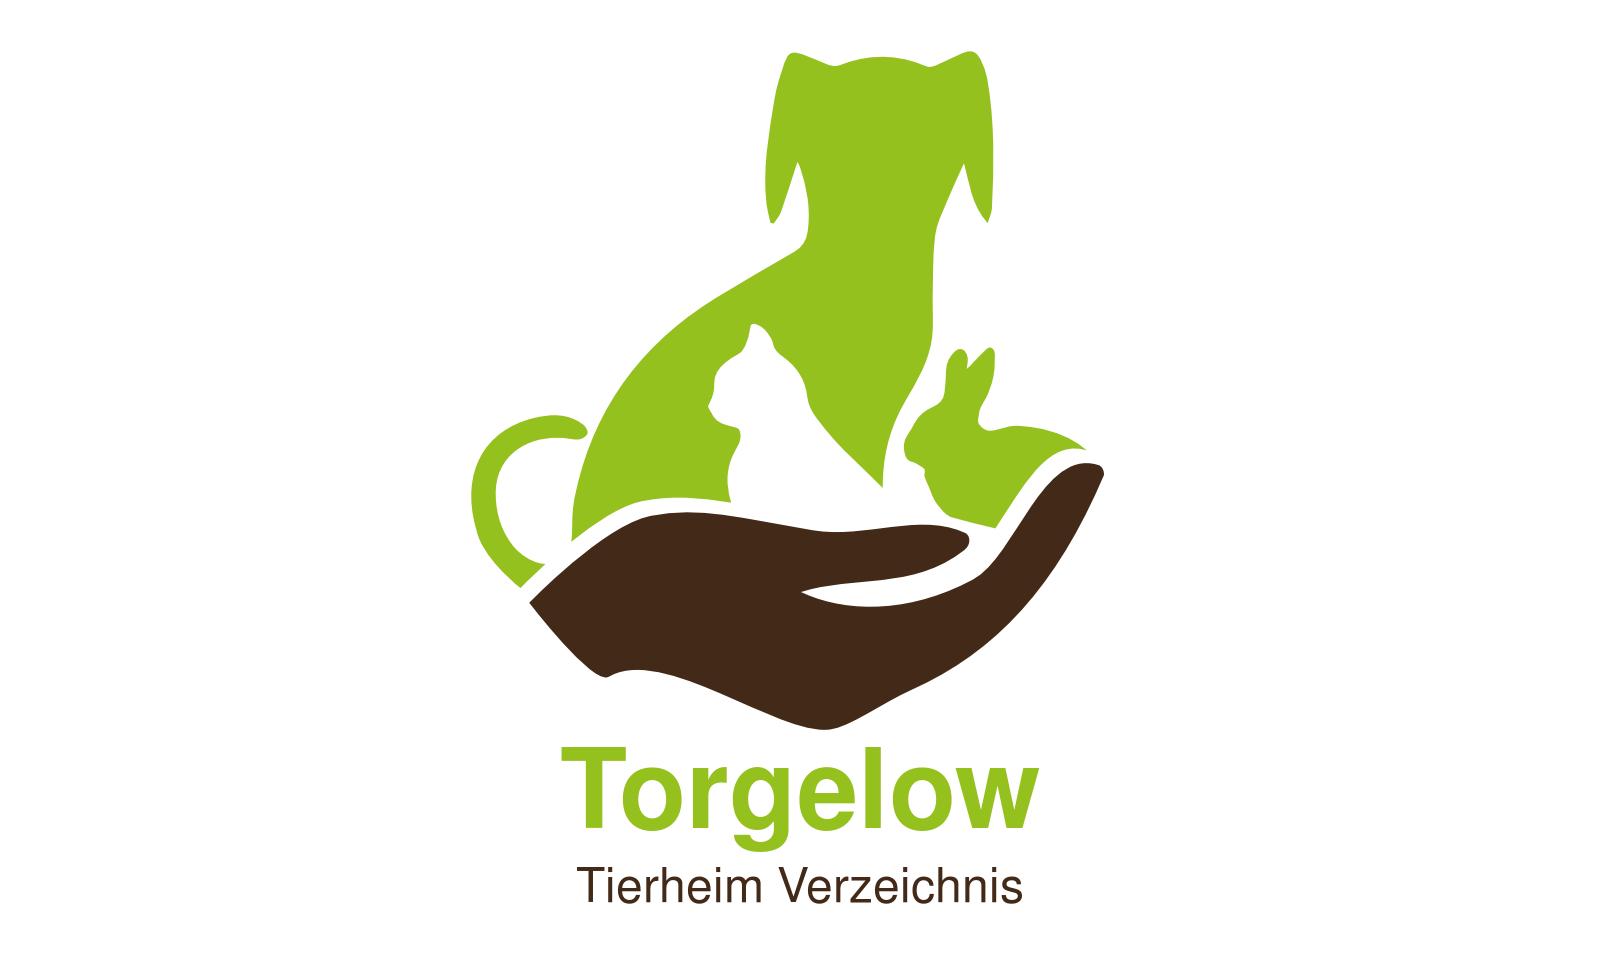 Tierheim Torgelow